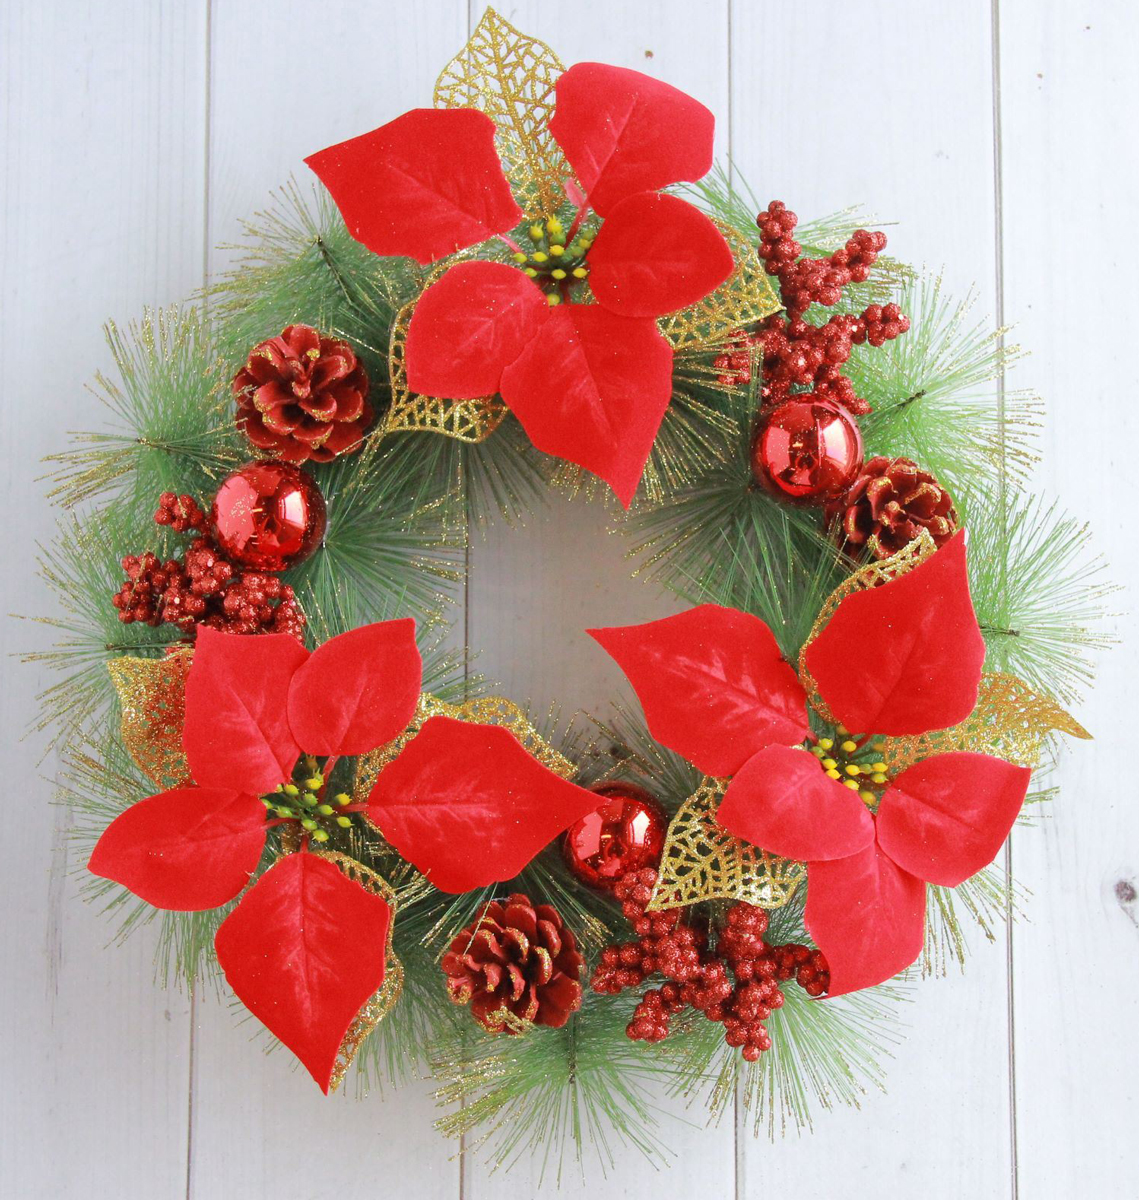 Венок новогодний С красными цветами, шишками и шарами, диаметр 30 см2372106Невозможно представить нашу жизнь без праздников! Мы всегда ждем их и предвкушаем, обдумываем, как проведем памятный день, тщательновыбираем подарки и аксессуары, ведь именно они создают и поддерживают торжественный настрой. Это отличный выбор, который привнесетатмосферу праздника в ваш дом! Диаметр венка: 30 см.